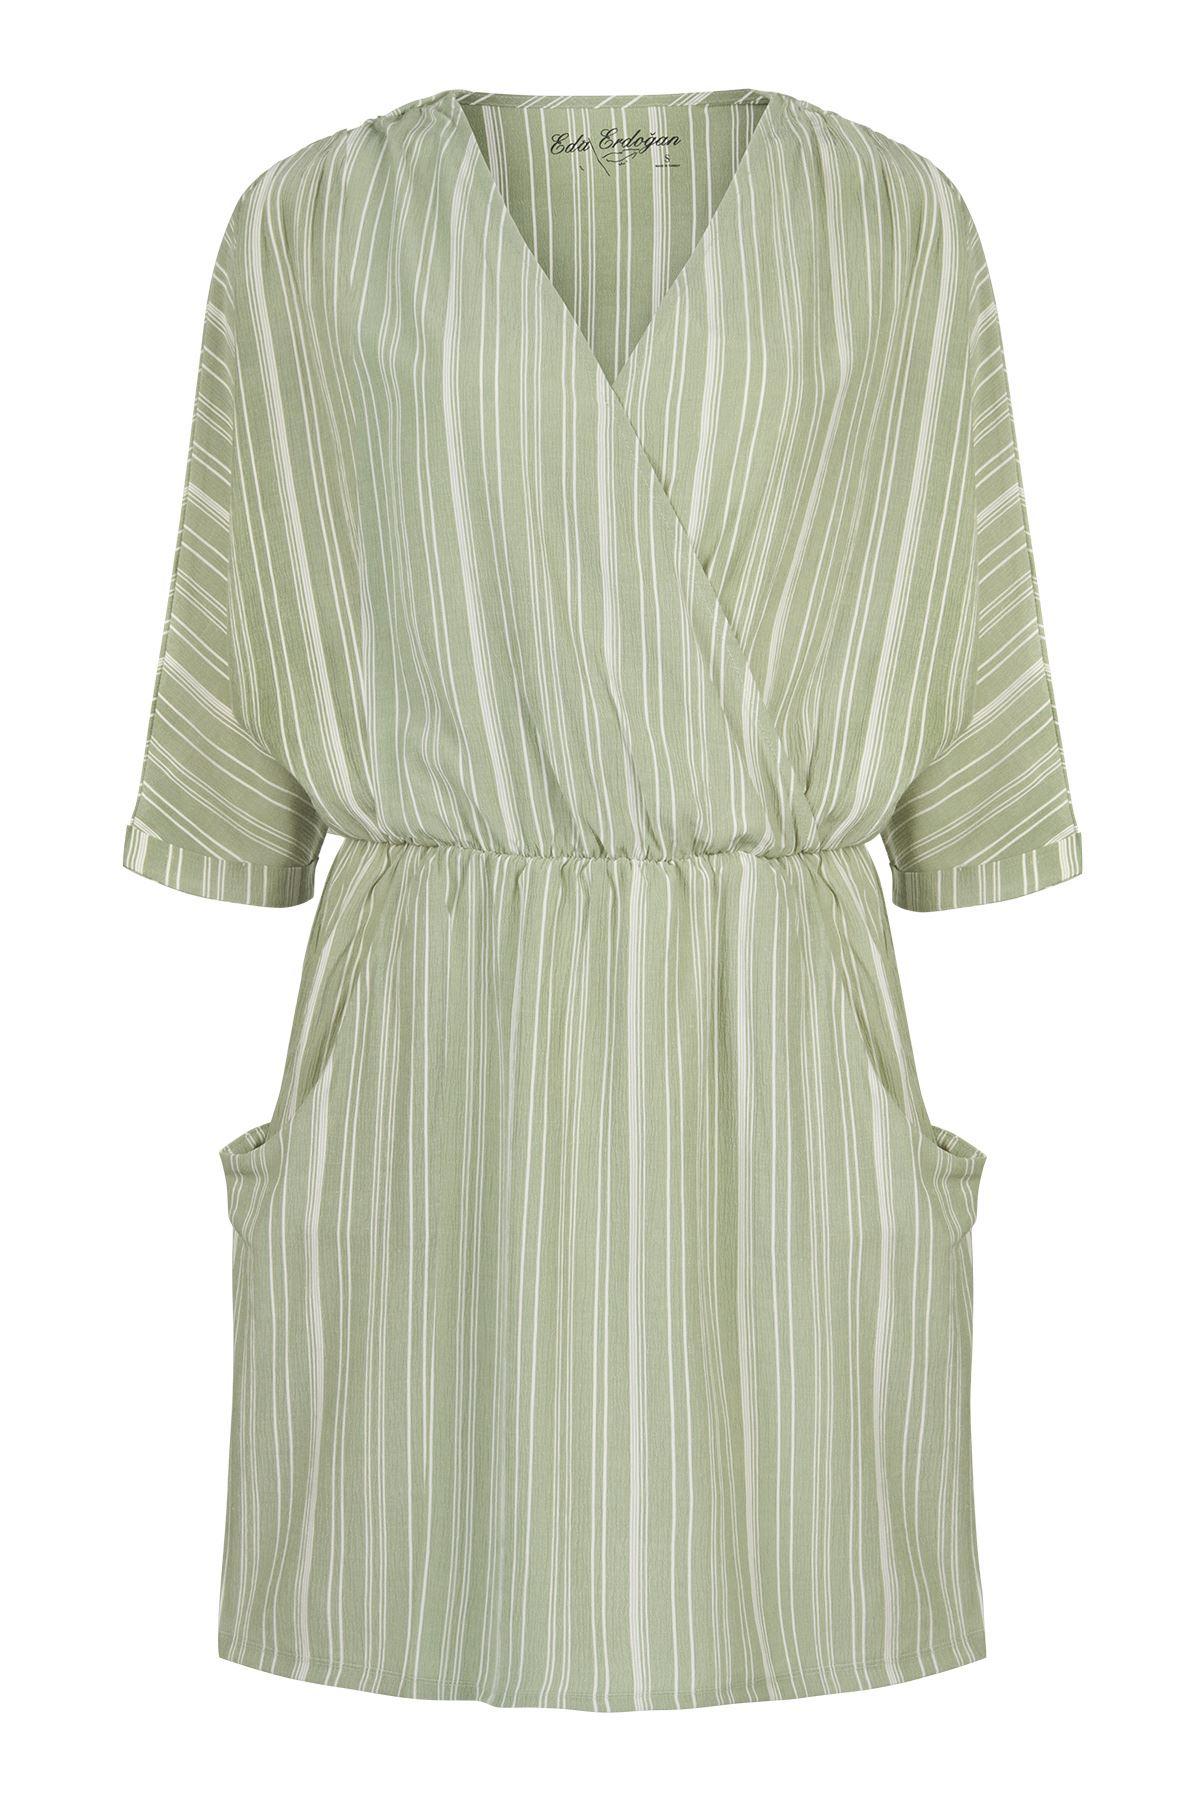 Dirsek Kol Cepli Mini Elbise (Çağla Yeşili Beyaz Çizgili)